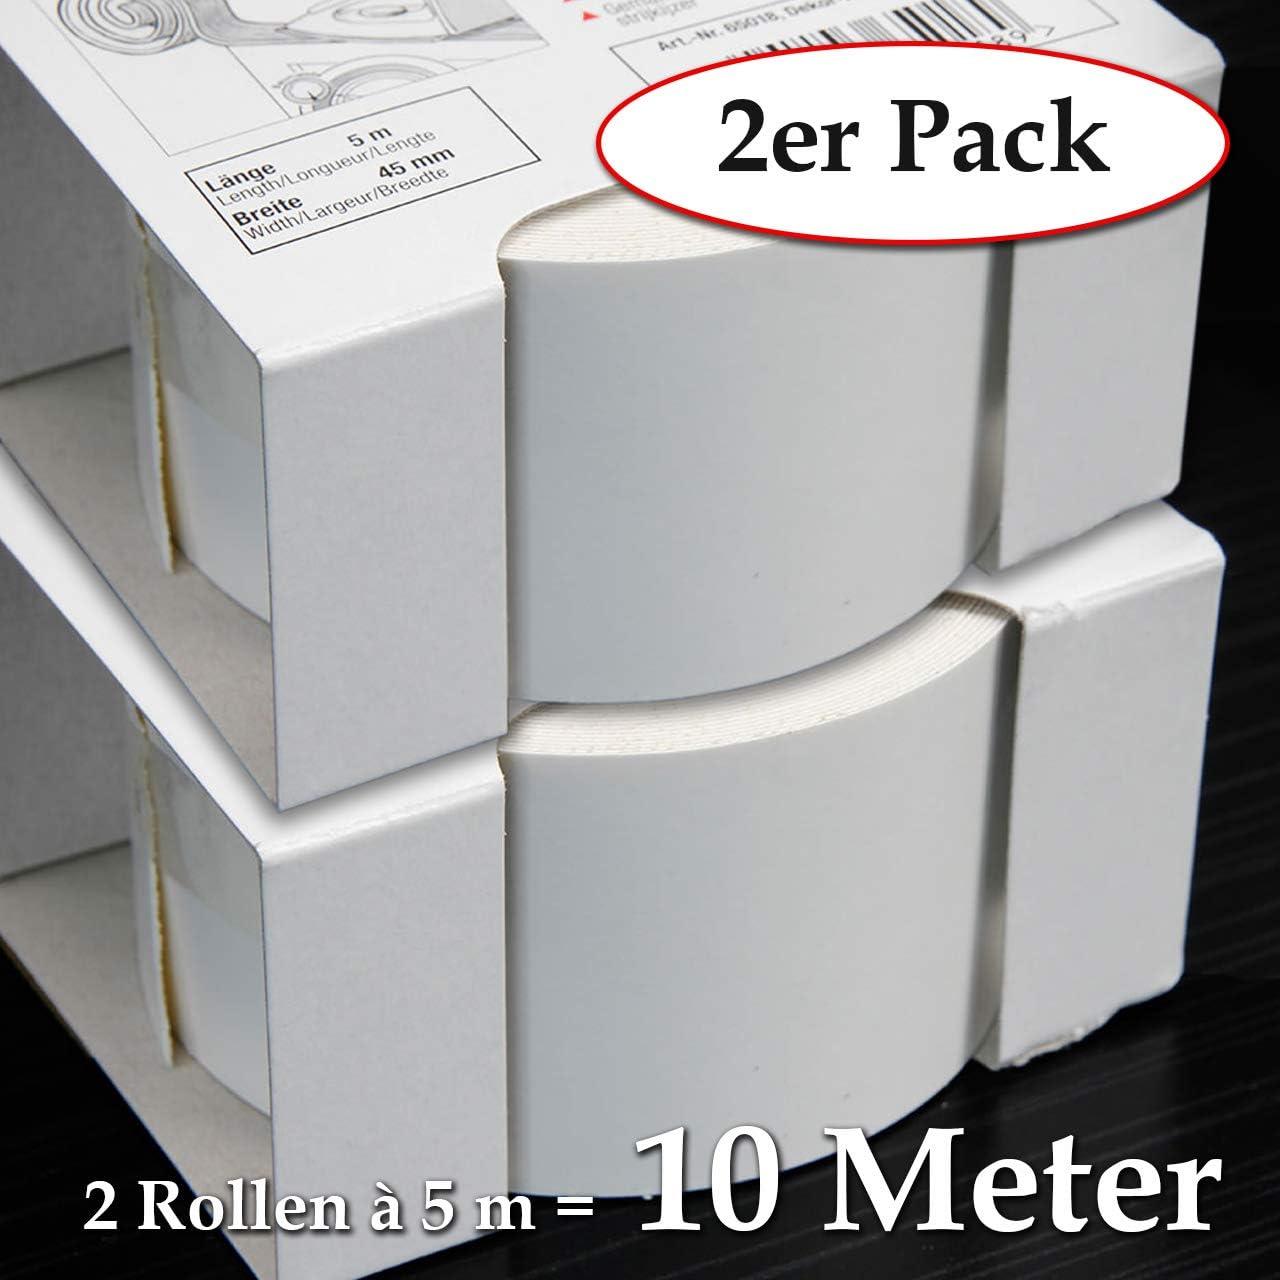 Schmelzkleber f/ür Regalb/öden und M/öbelbauplatten 2 Rollen = 10 Meter Umleimer in Weiss glatt und strukturlos 2-er Pack Melaminkantenumleimer in Wei/ß 45 mm x 5 m Rolle Kantenumleimer inkl